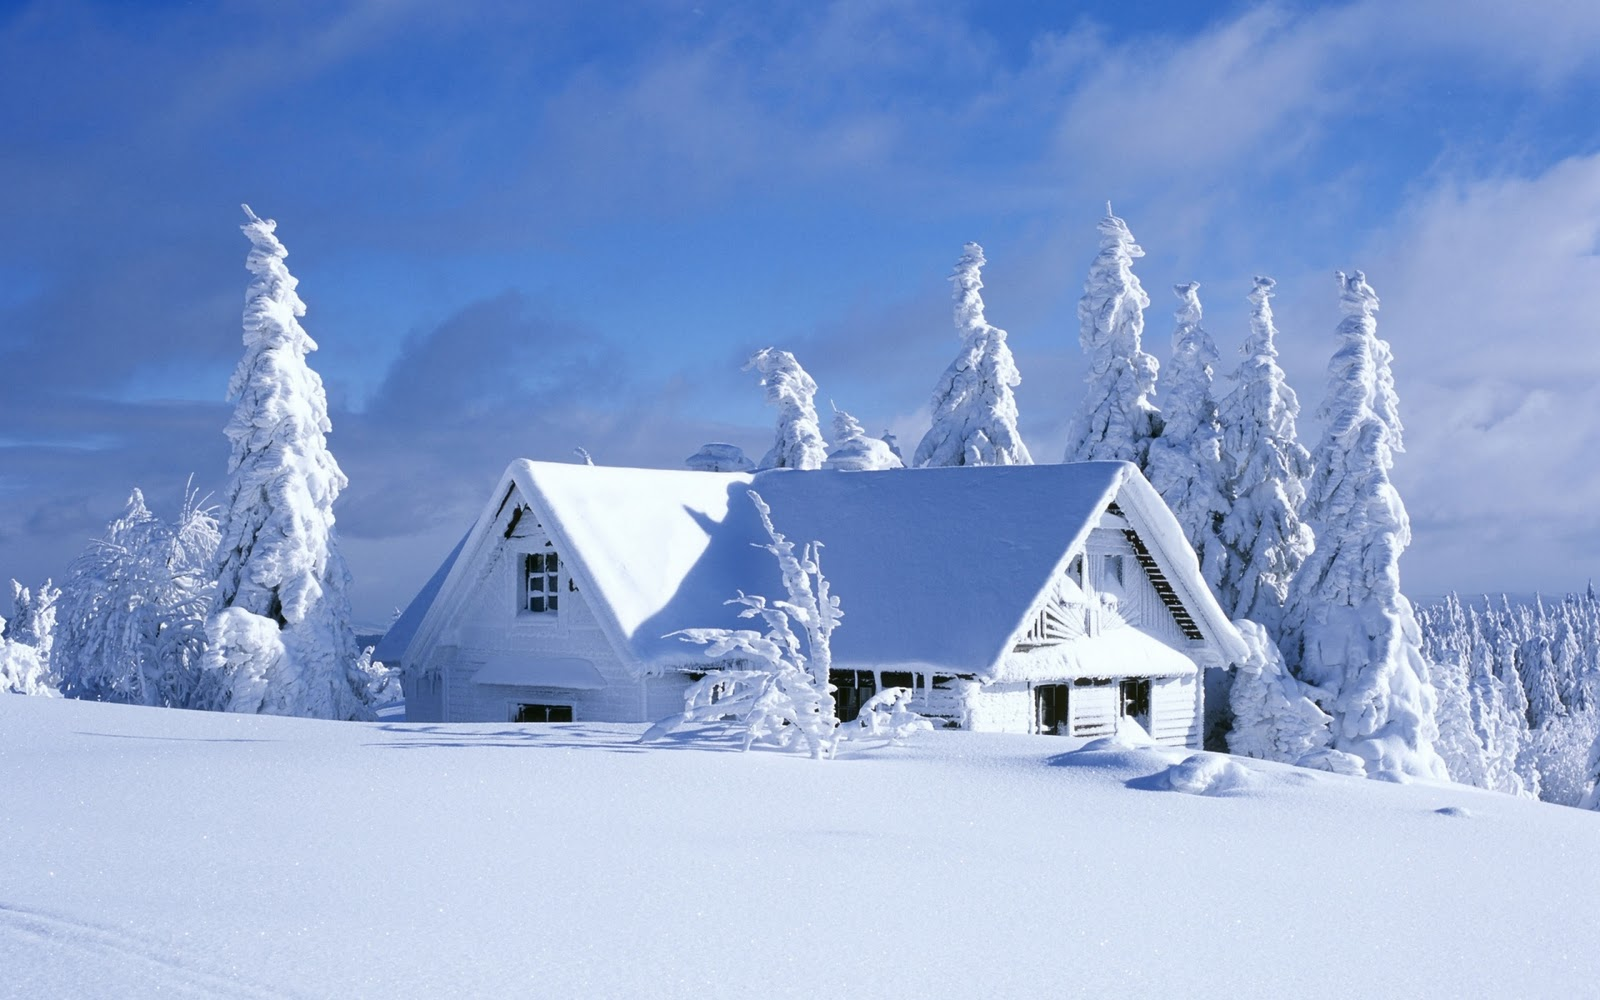 Christmas wallpaper Wallpaper Downloads Winter Wallpaper HD For 1600x1000